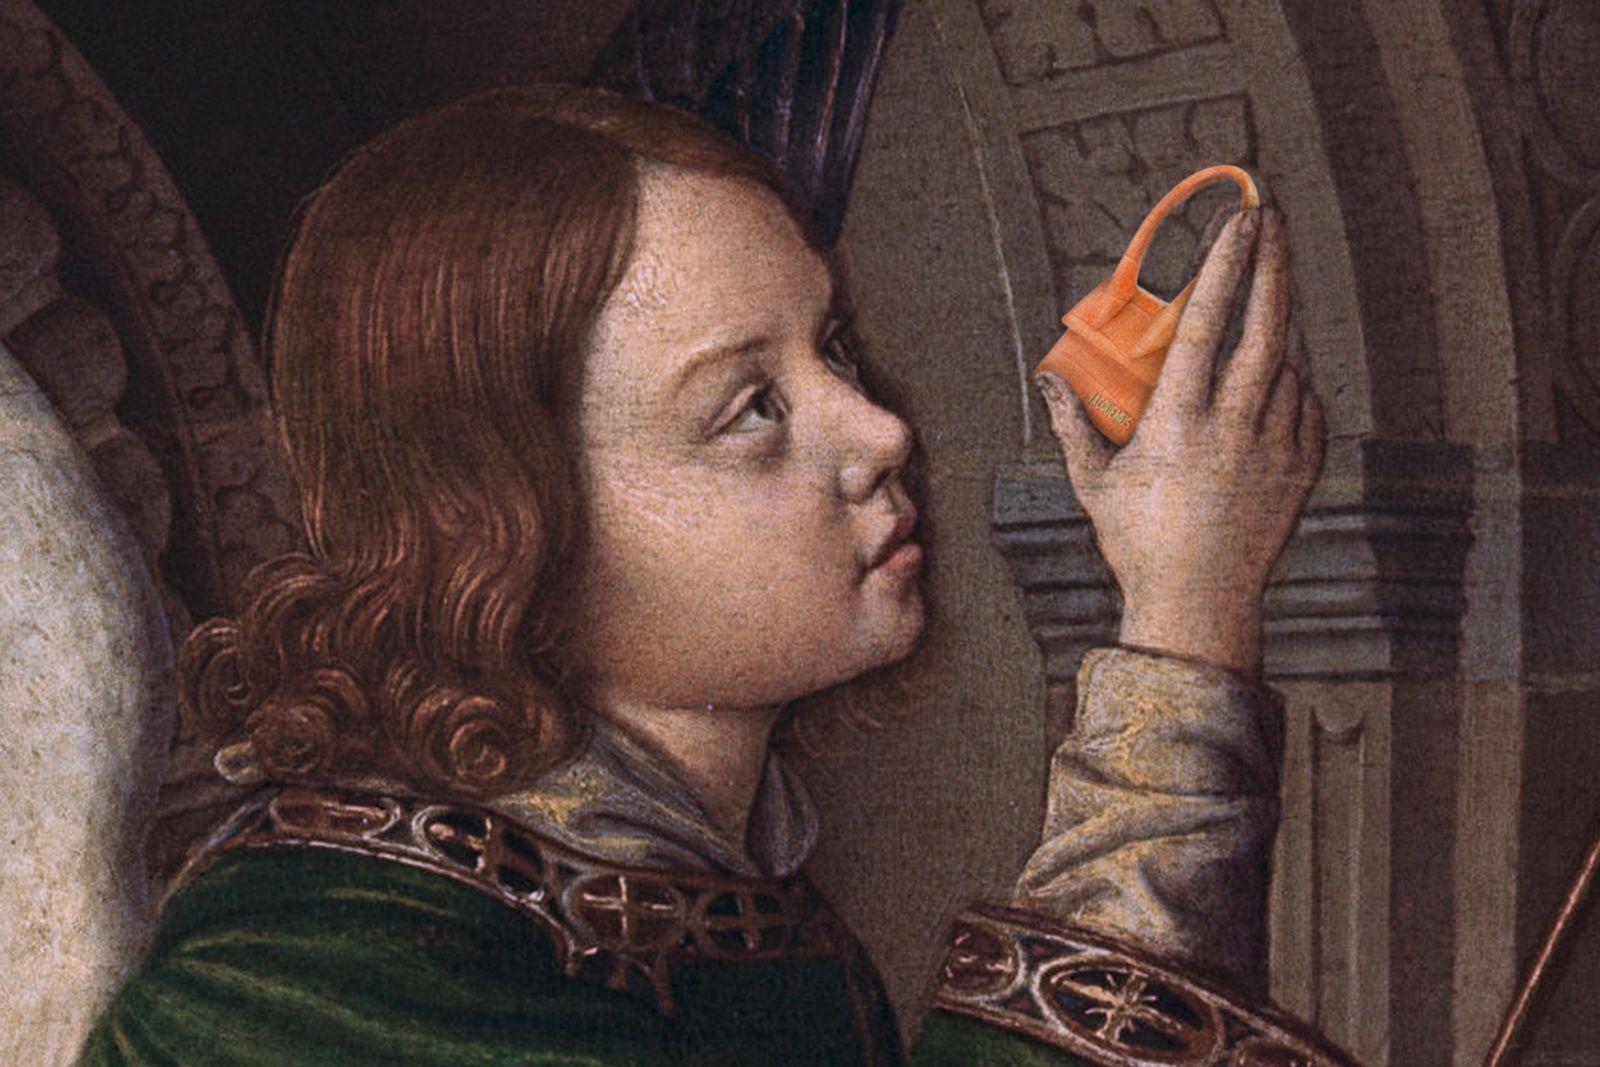 Jacquemus Small Orange Bag Le Saq Chiquito